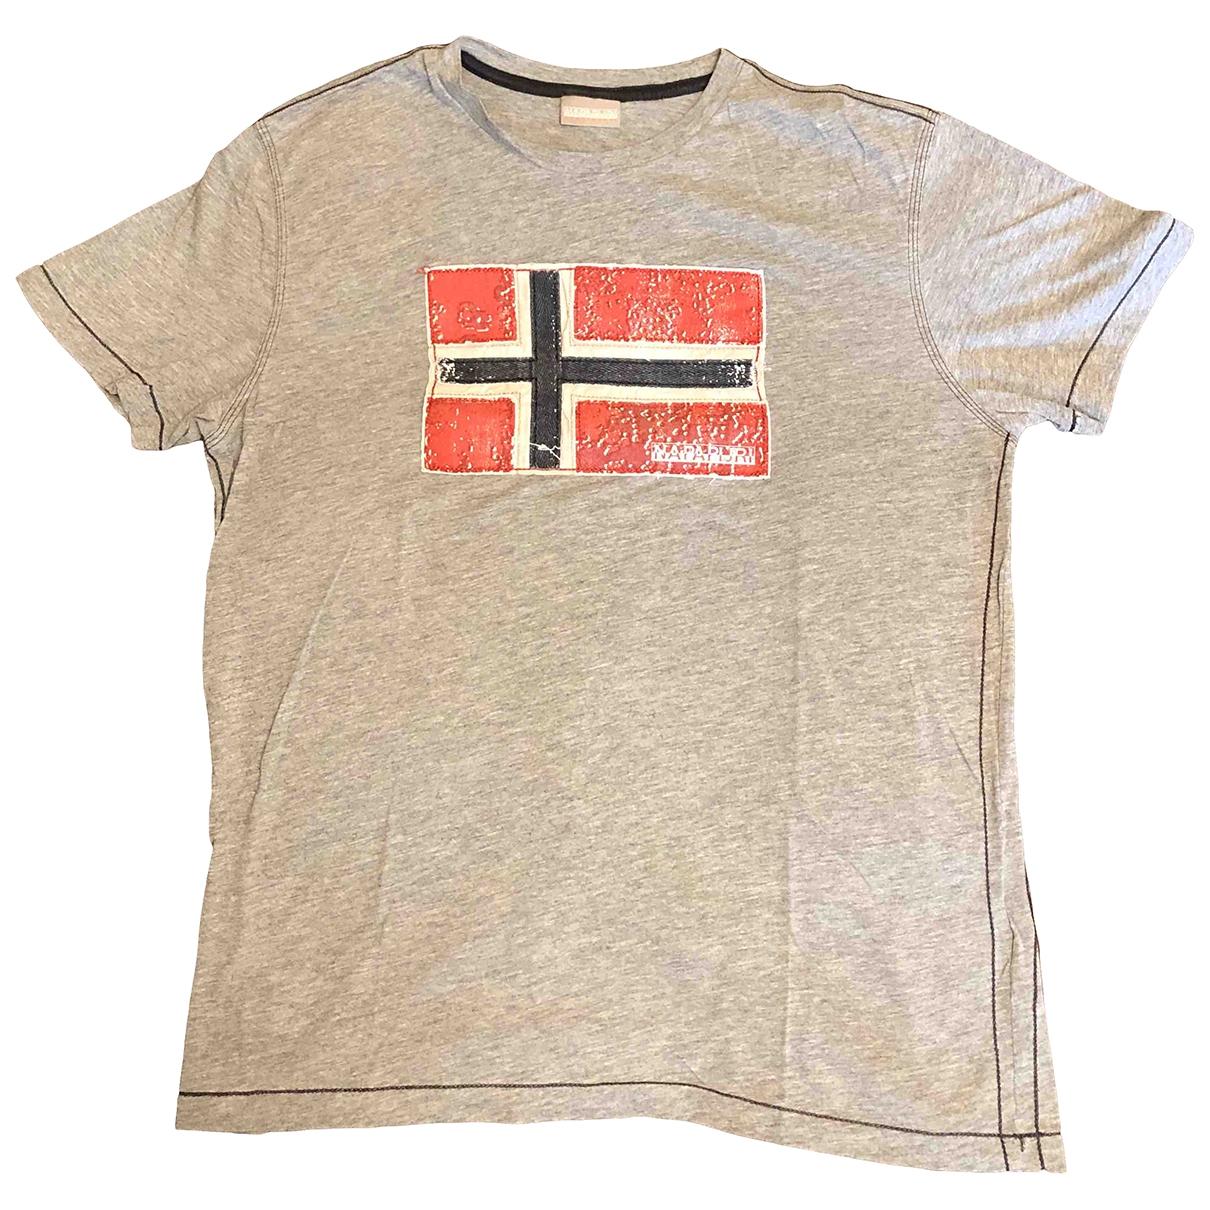 Napapijri - Tee shirts   pour homme en coton - gris